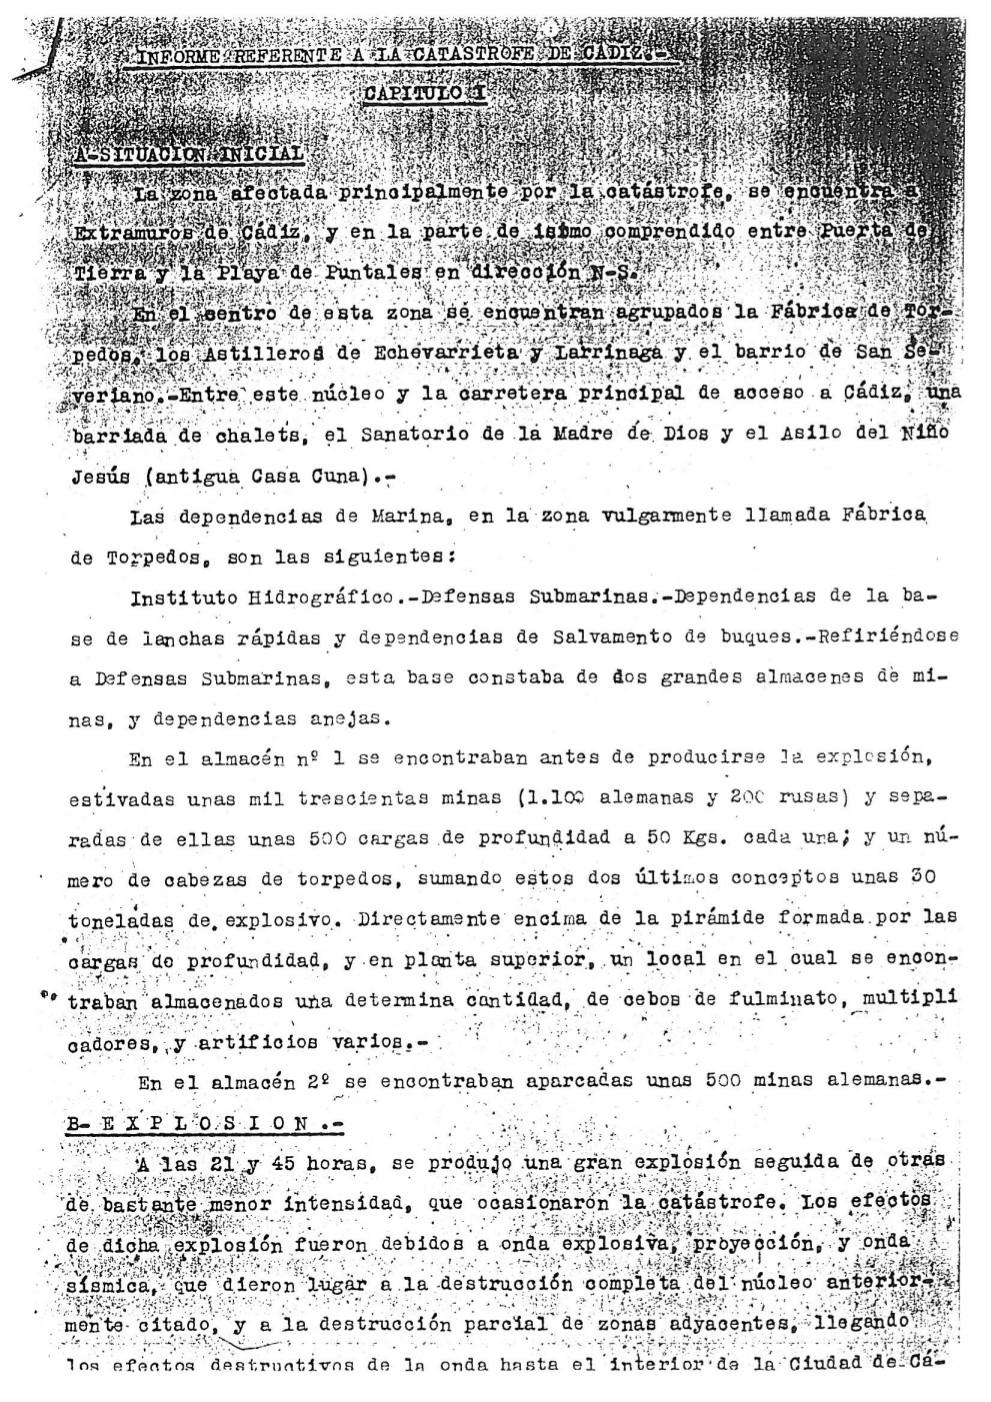 Informe del Almirante Estrada de 30 de agosto de 1947-08-1947